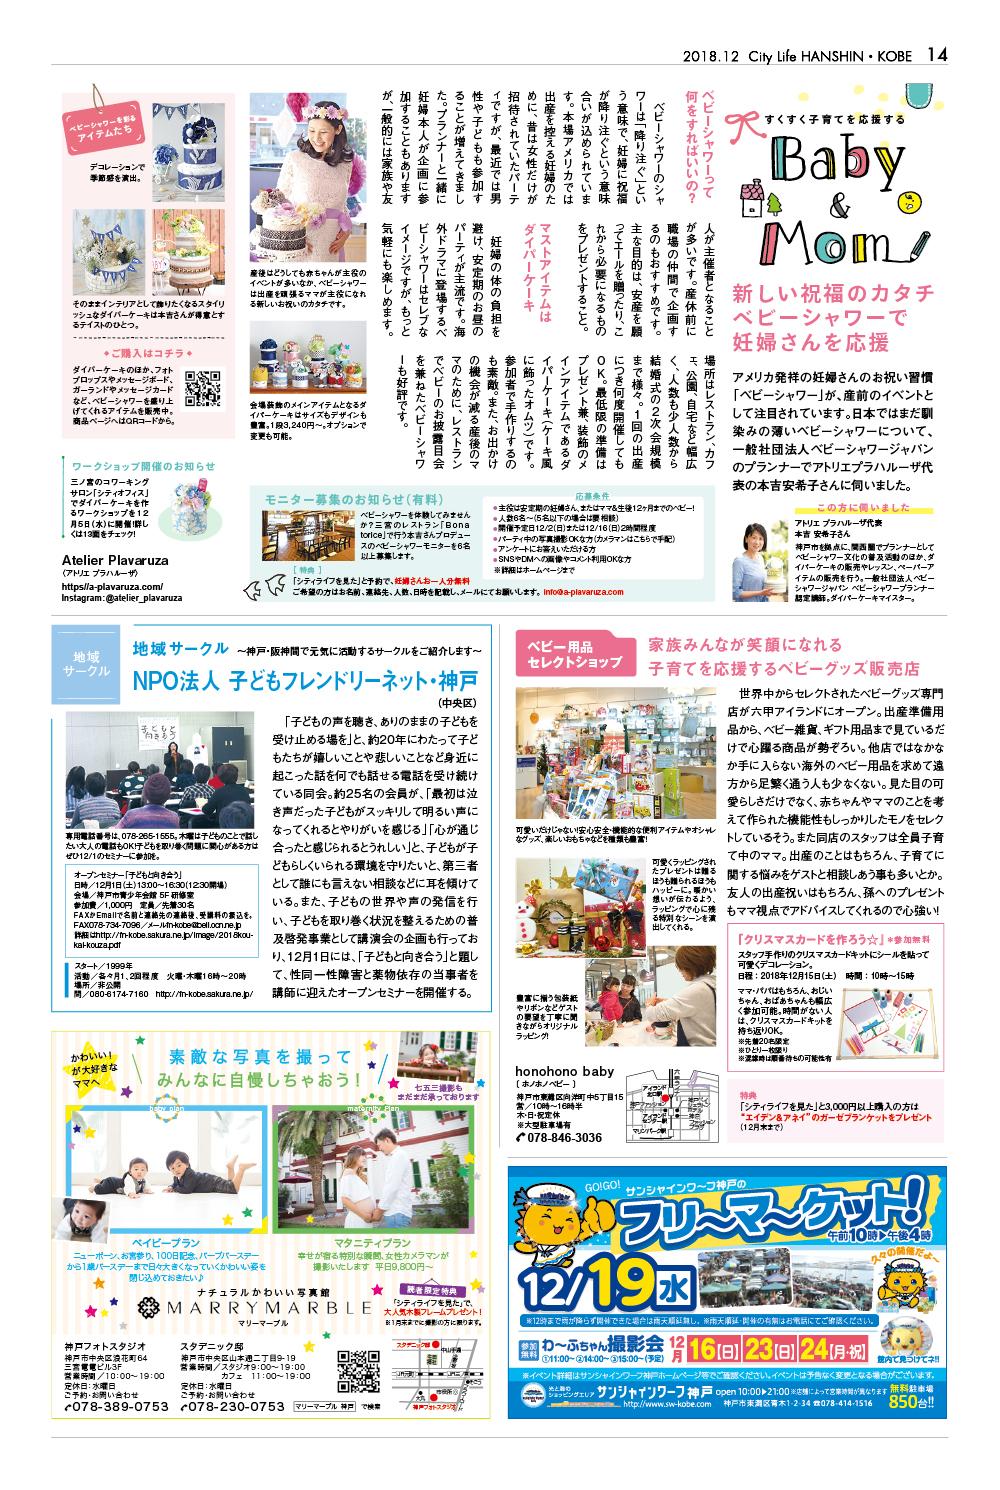 阪神・神戸版 2018年12月号 地域情報誌シティライフP14